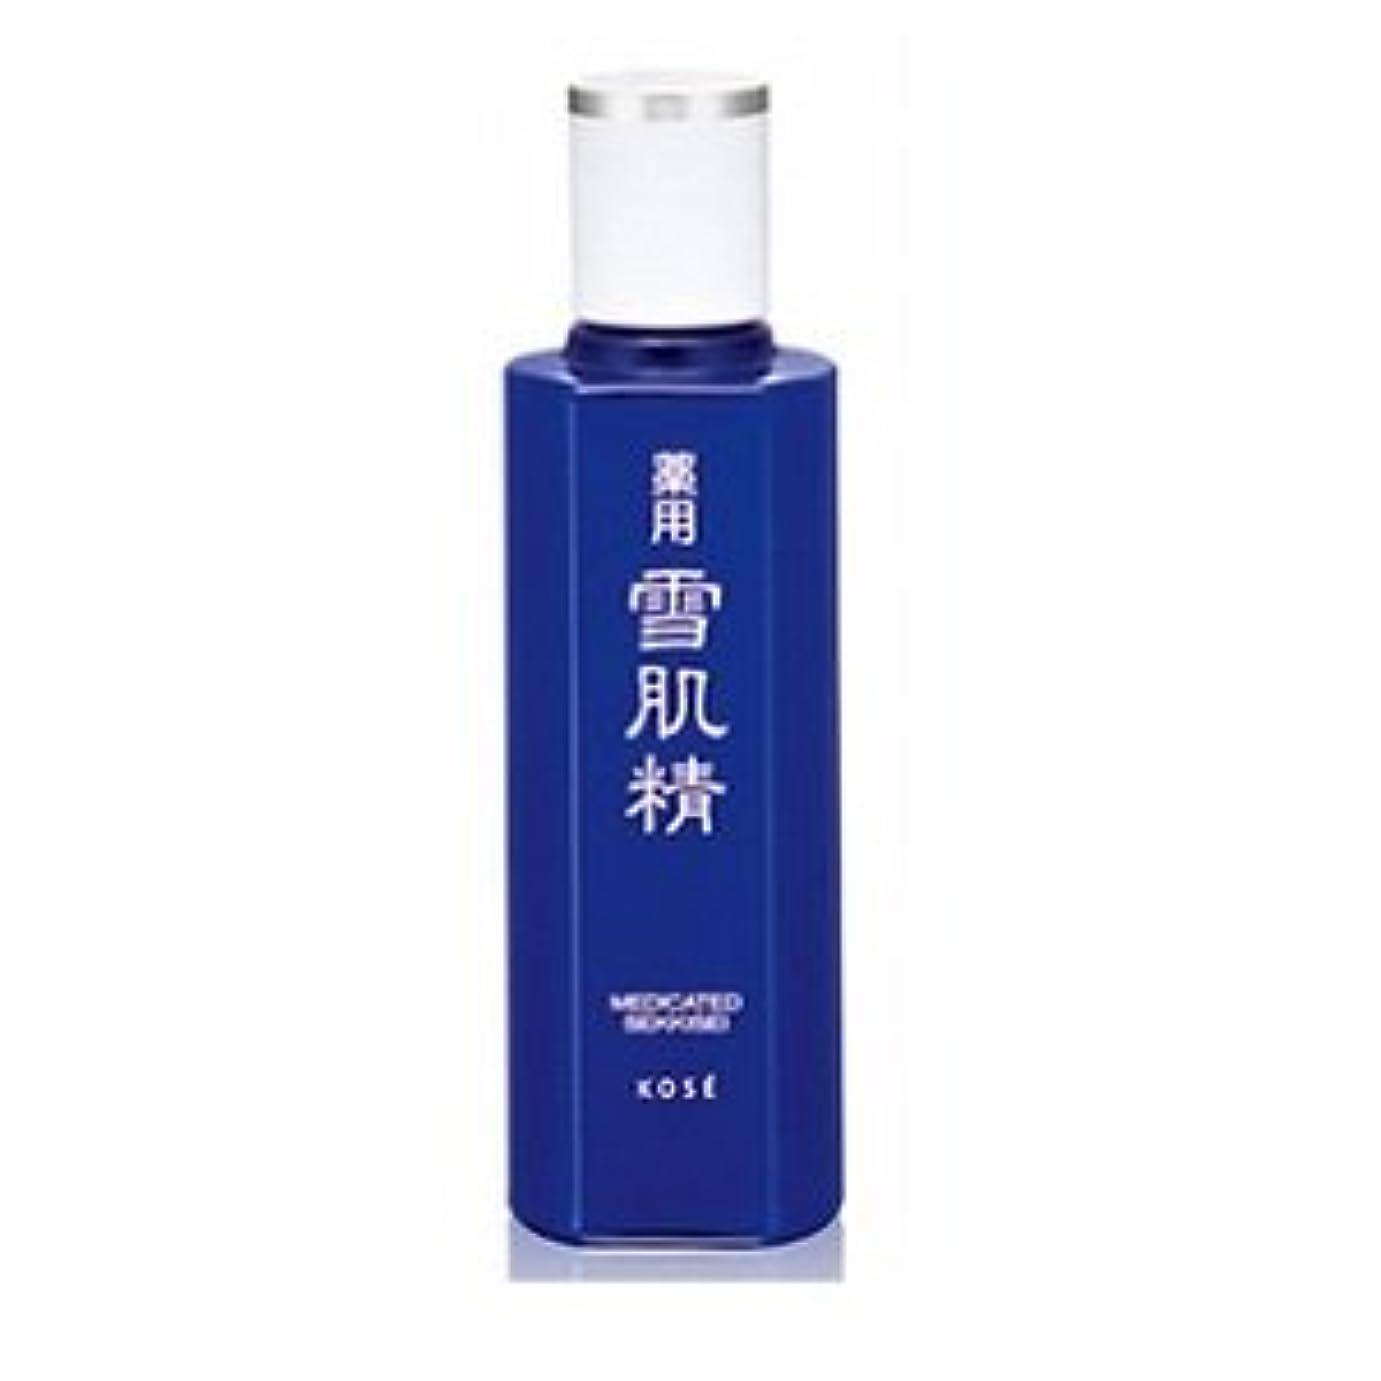 取得する黙機会コーセー 薬用 雪肌精 化粧水 200ml アウトレット